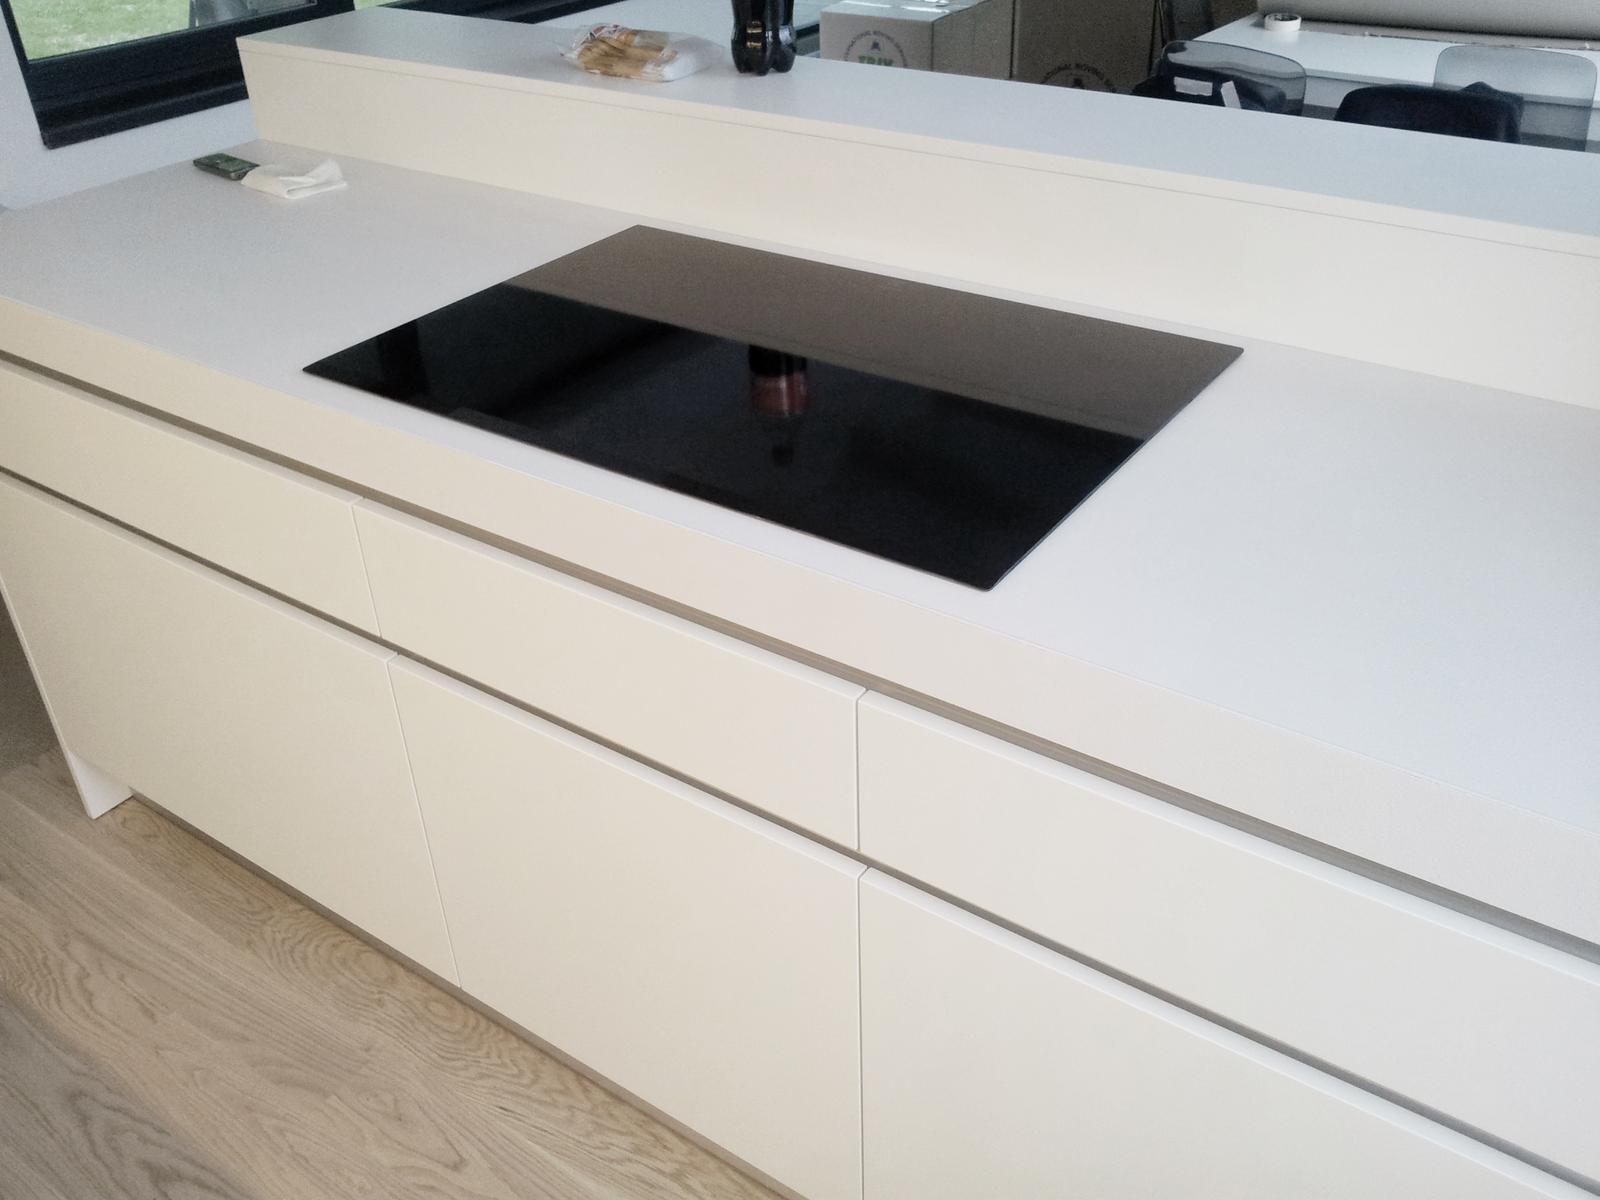 Dizajn a výroba nábytku na mieru Cubica - Biela kuchyňa - ostrov - výroba cubica